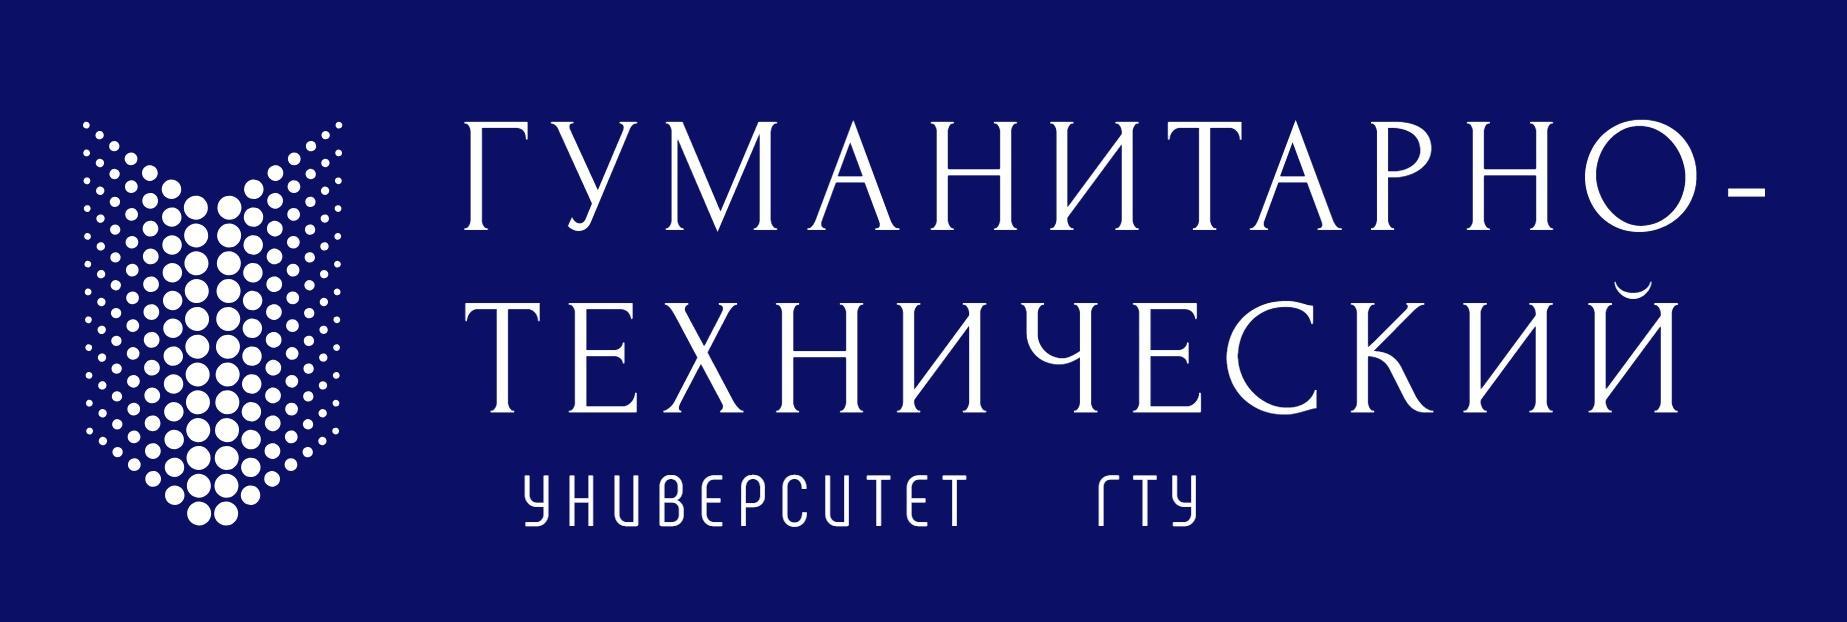 Гуманитарно-технический университет